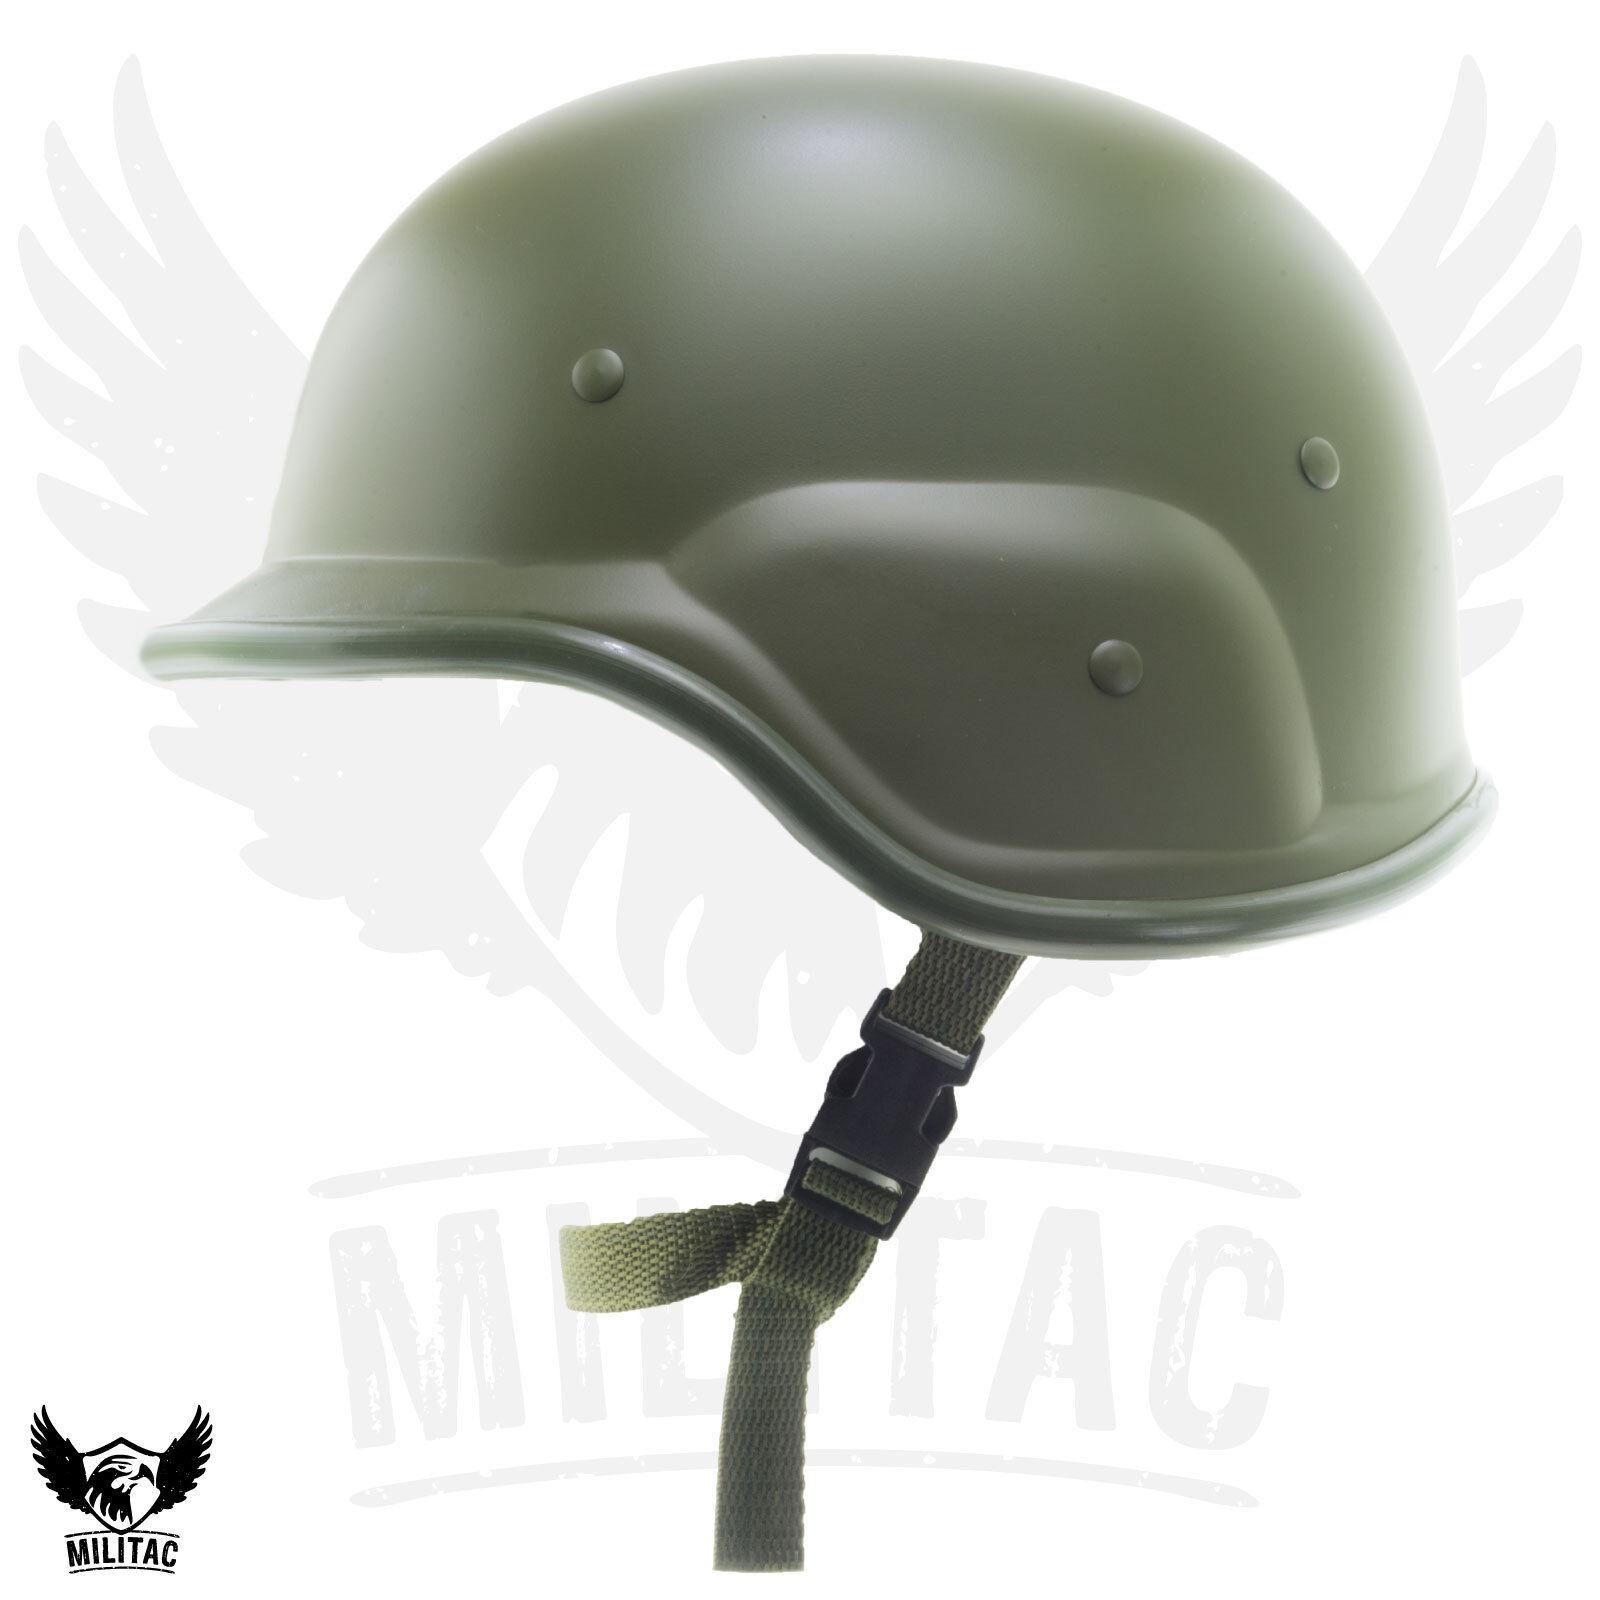 M88 Armada Casco Paintball Airsoft Casco Tácticas Militares Verde Verde Verde Casco 3bbf77